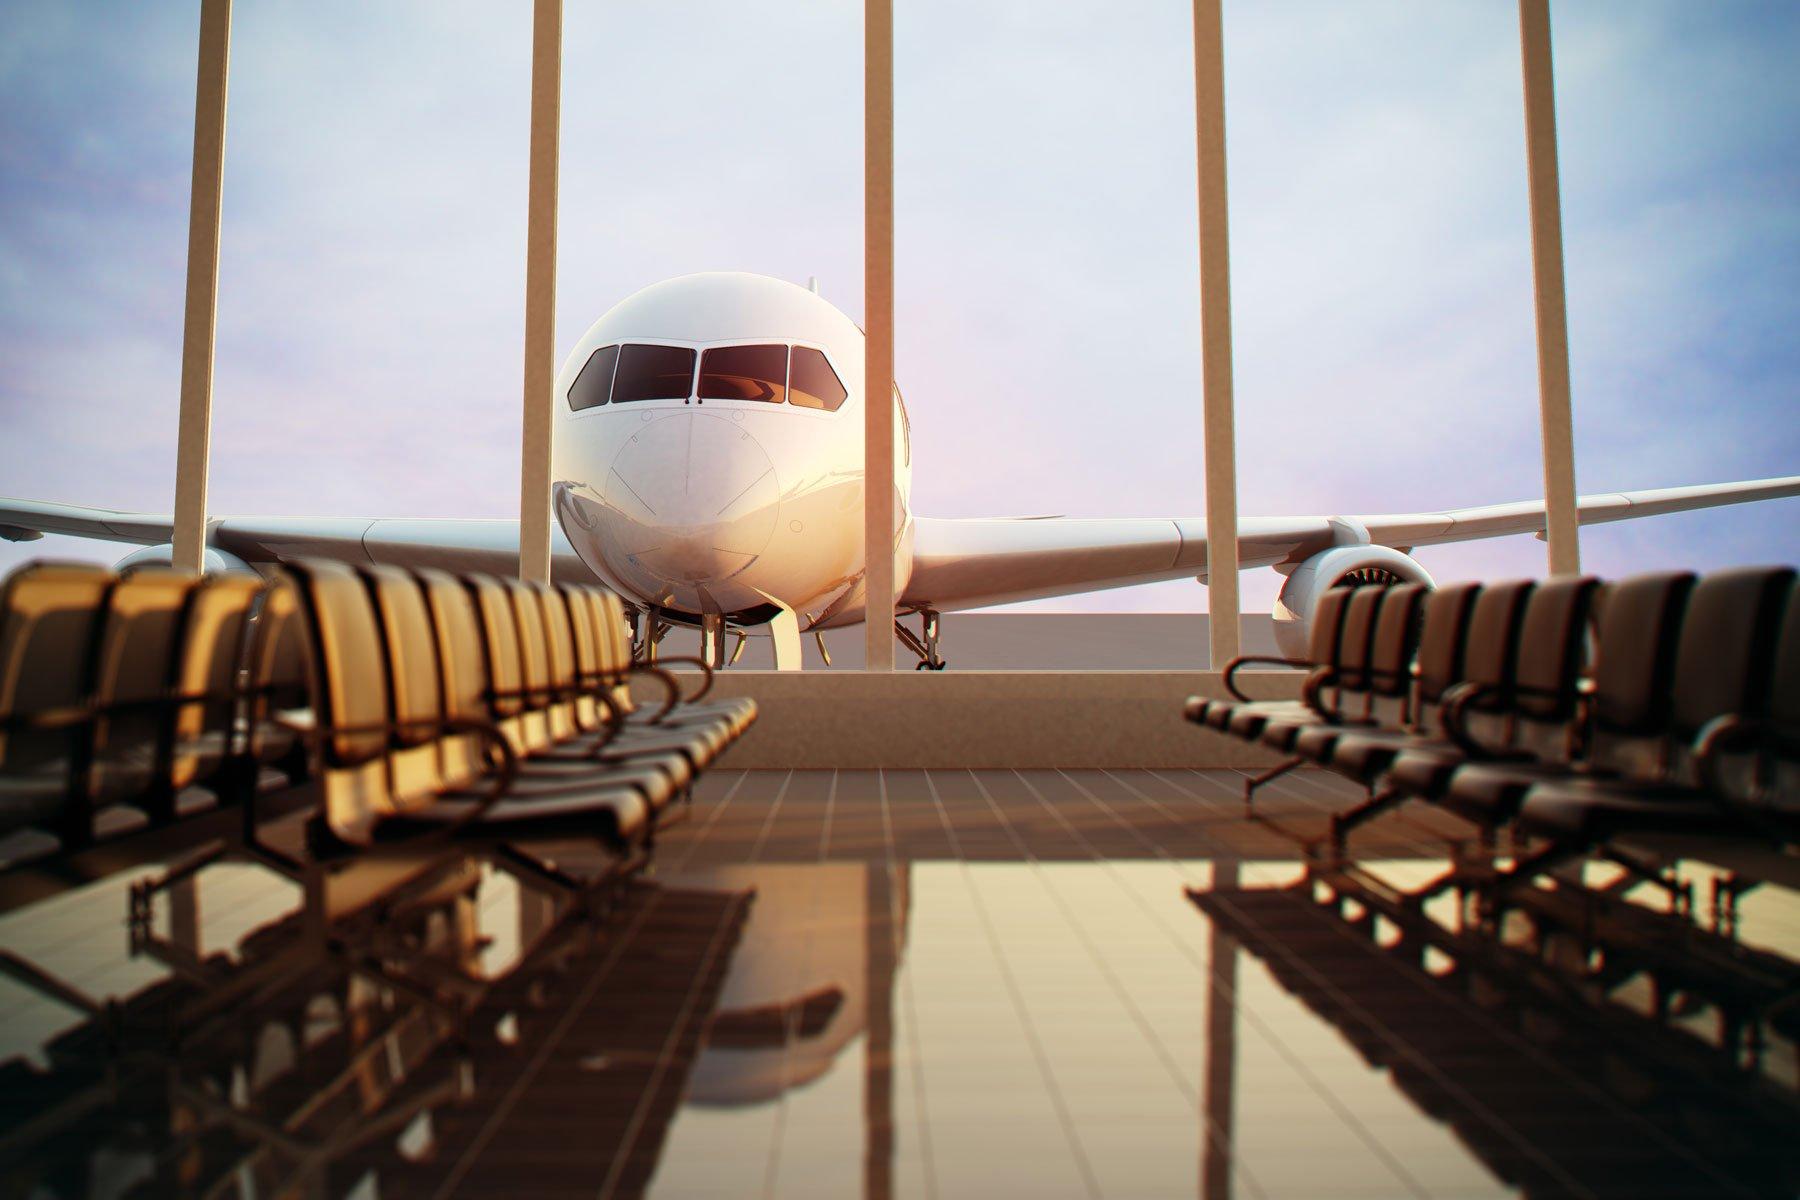 vetrata di un aeroporto con vista frontale di un aereo